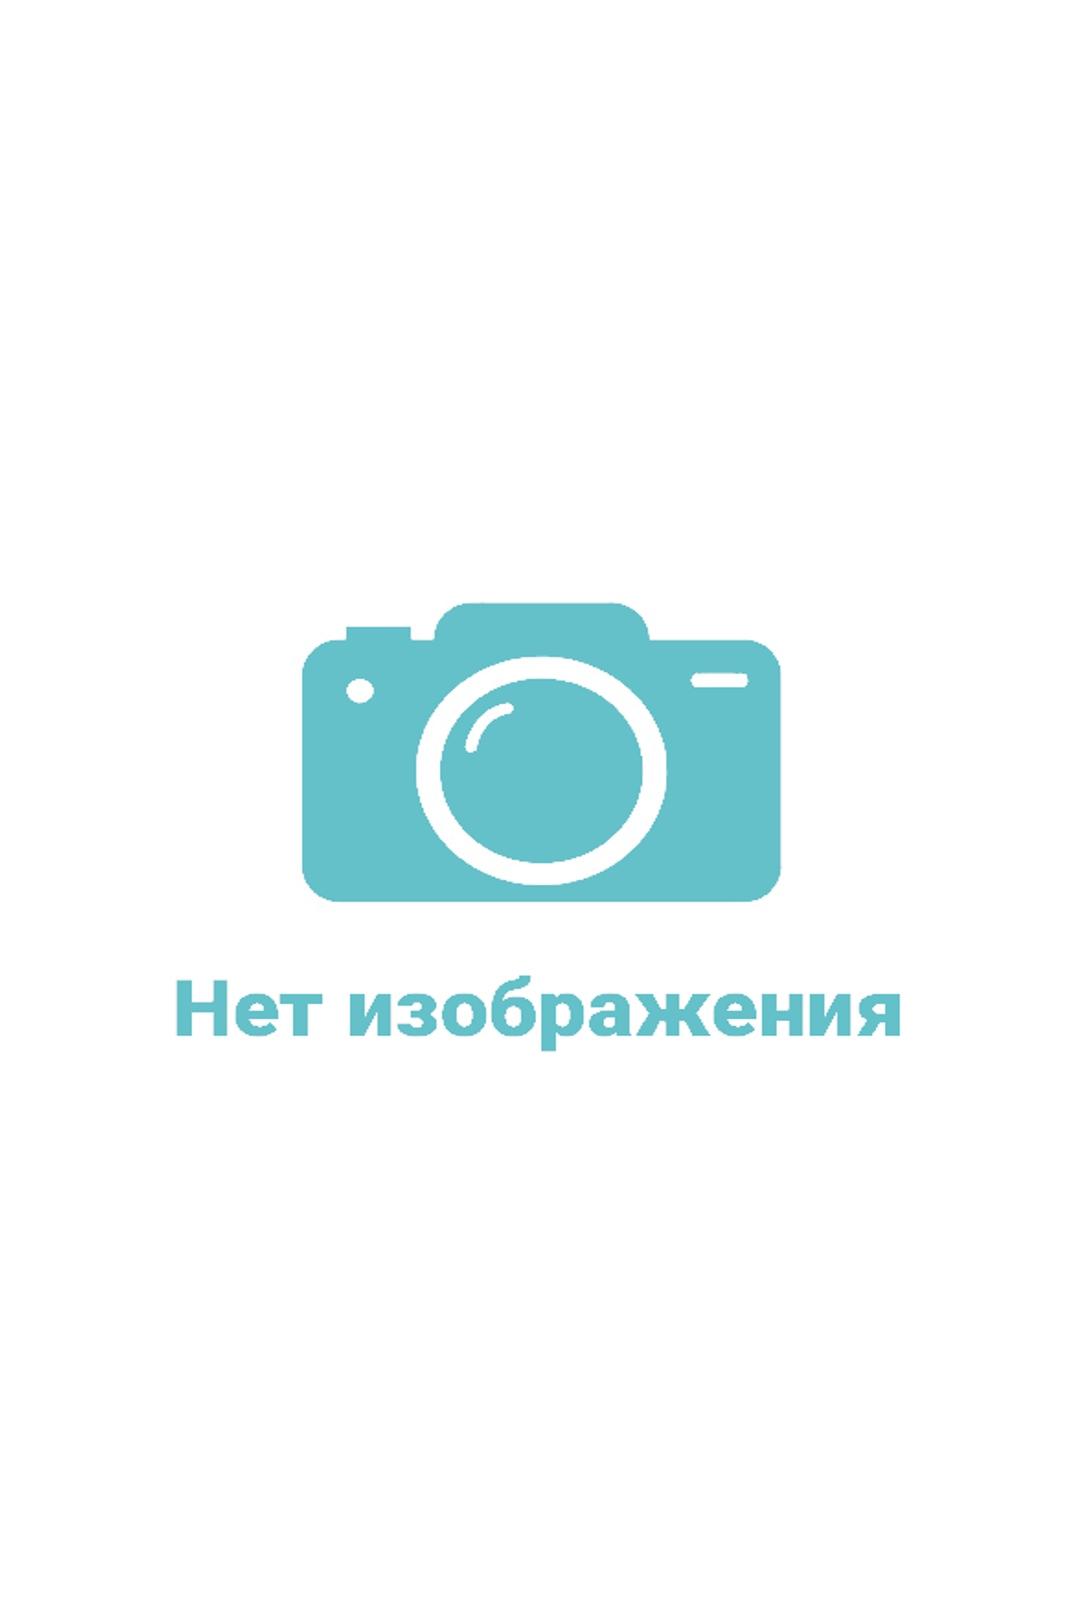 Врач реабилитолог, врач спортивной медицины и ЛФК Смольянинов Андрей Юрьевич